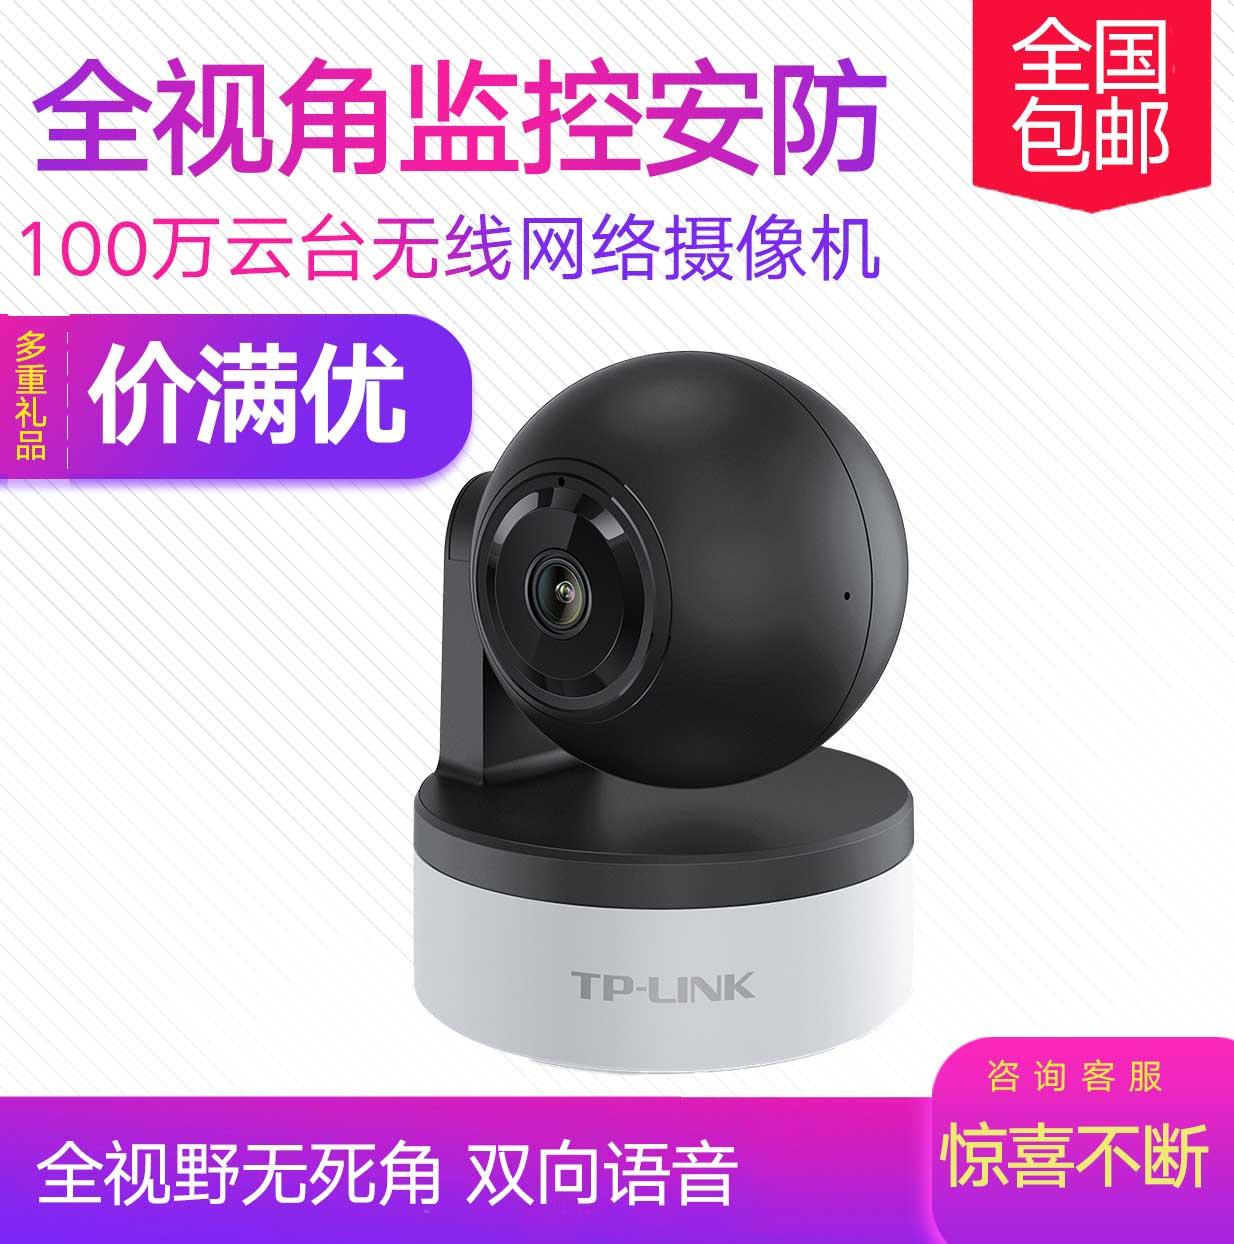 TP-LINK TL-IPC42A-4 200万10180P高清360度云台wifi无线网络摄像机tplink摄像头报警远程控制录像通话TF卡